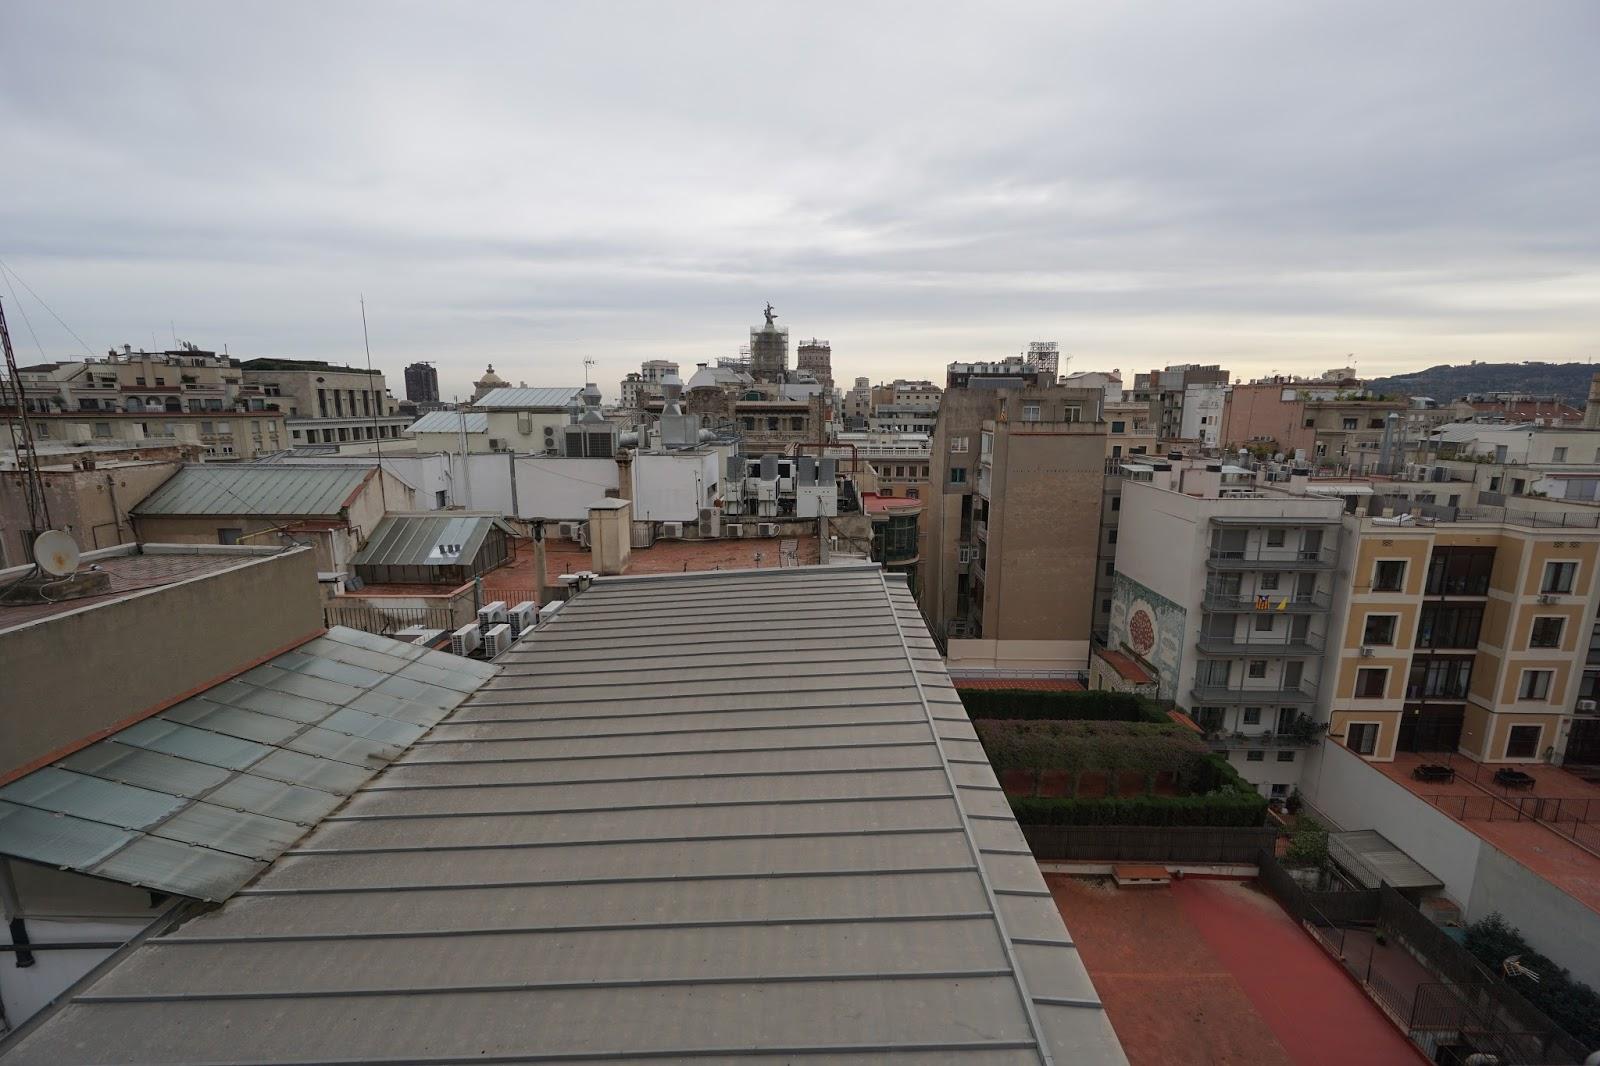 カサ・バトリョ(Casa Batlló)屋上からカサ・リェオ・モレラを眺める